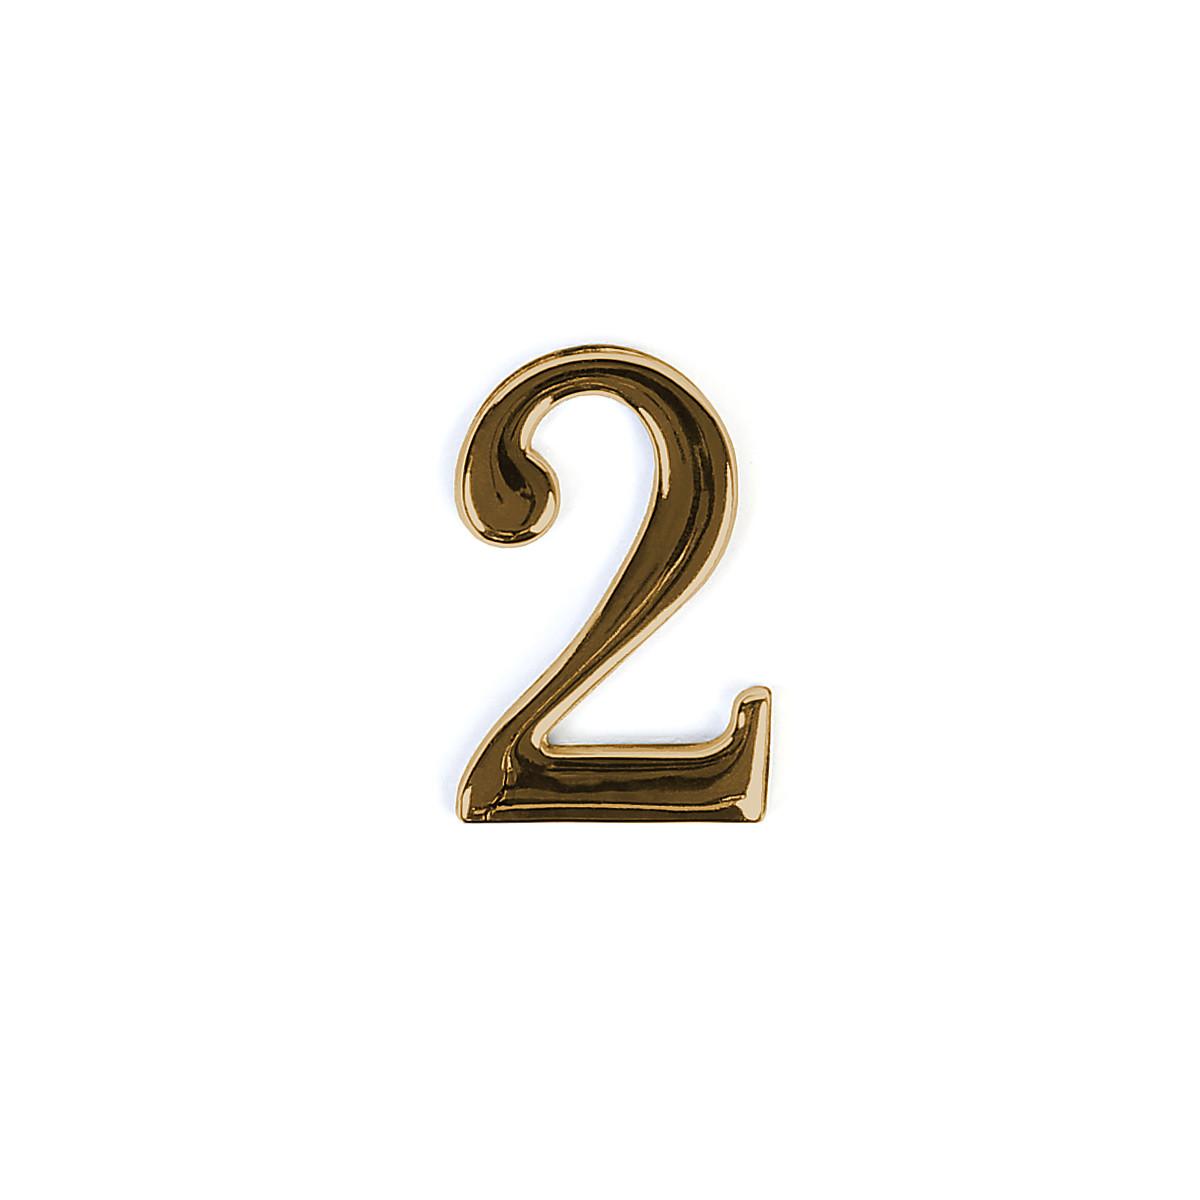 Номер на дверь Larvij цифра 2 Золото. Номер из цинка (LNZ4 GP #2)